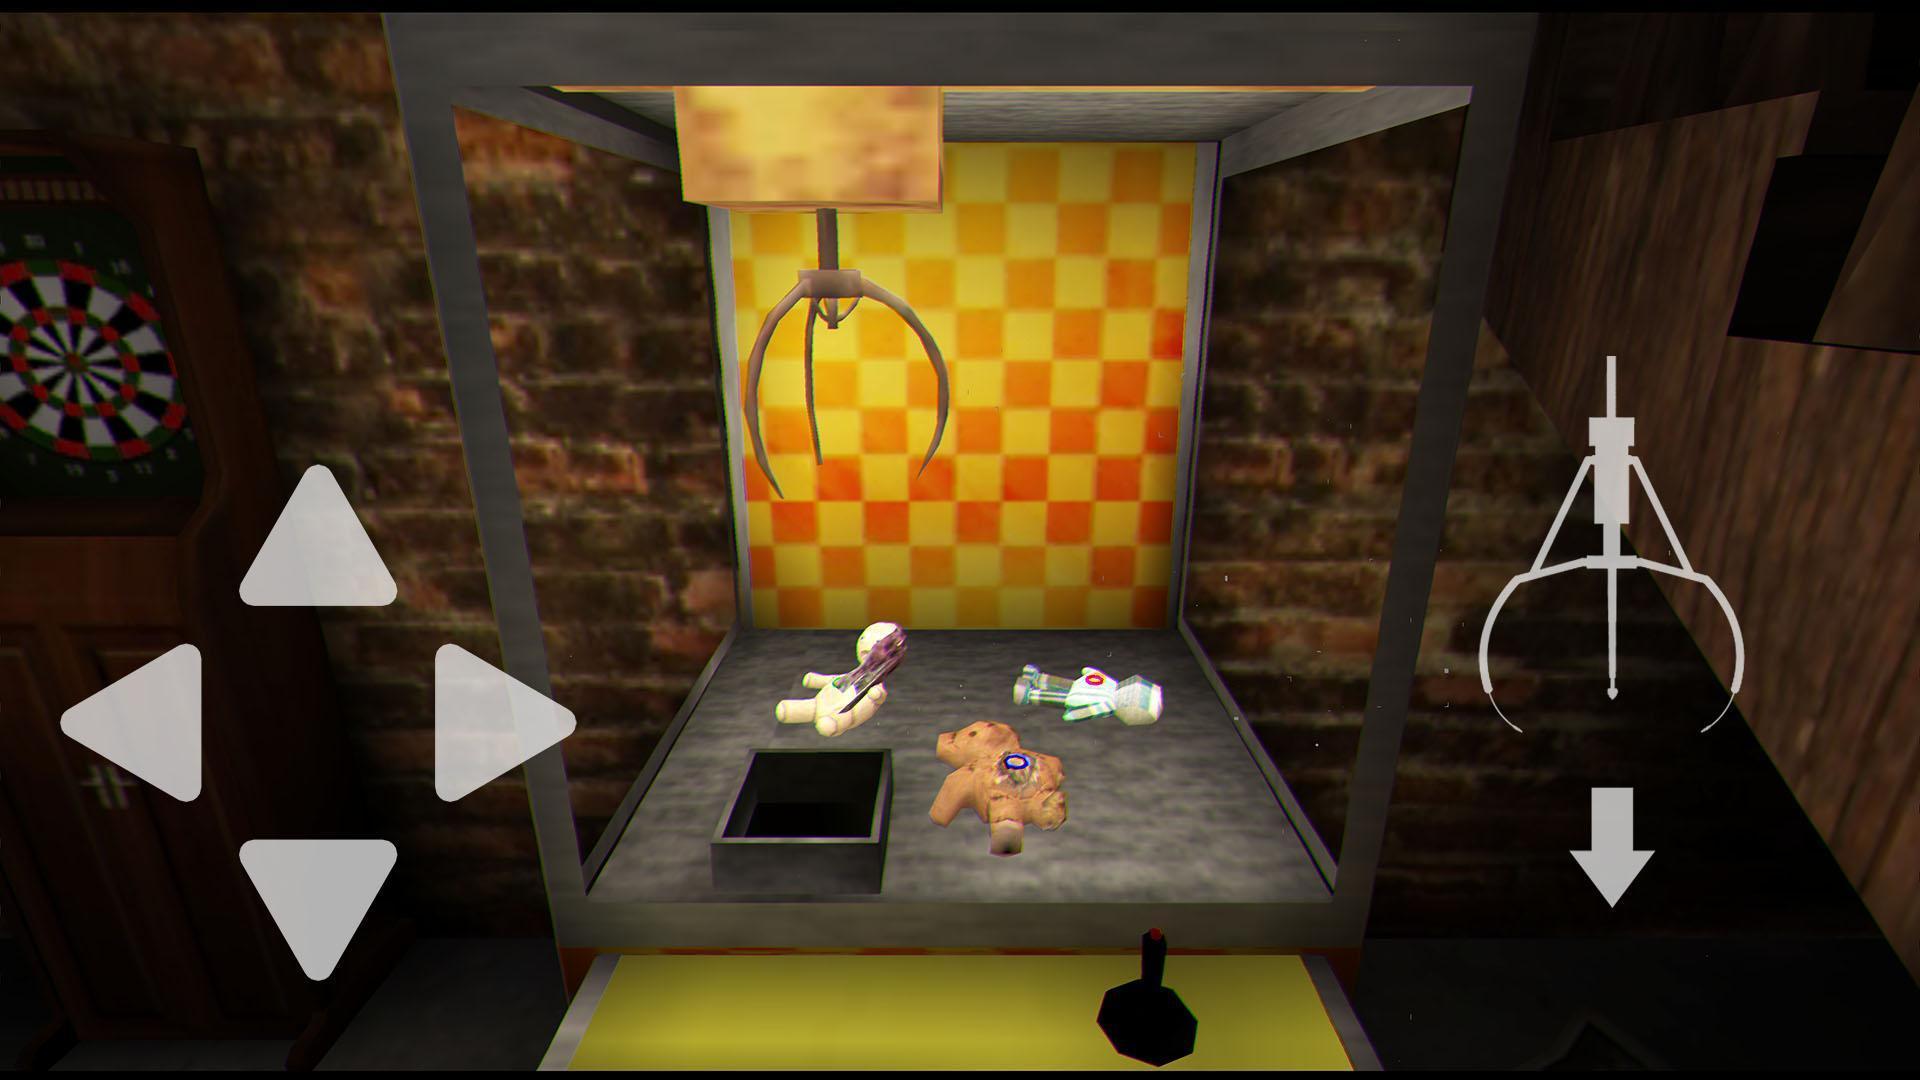 Dark Internet: ¡Juego de terror y supervivencia! 1.1.0 Screenshot 14